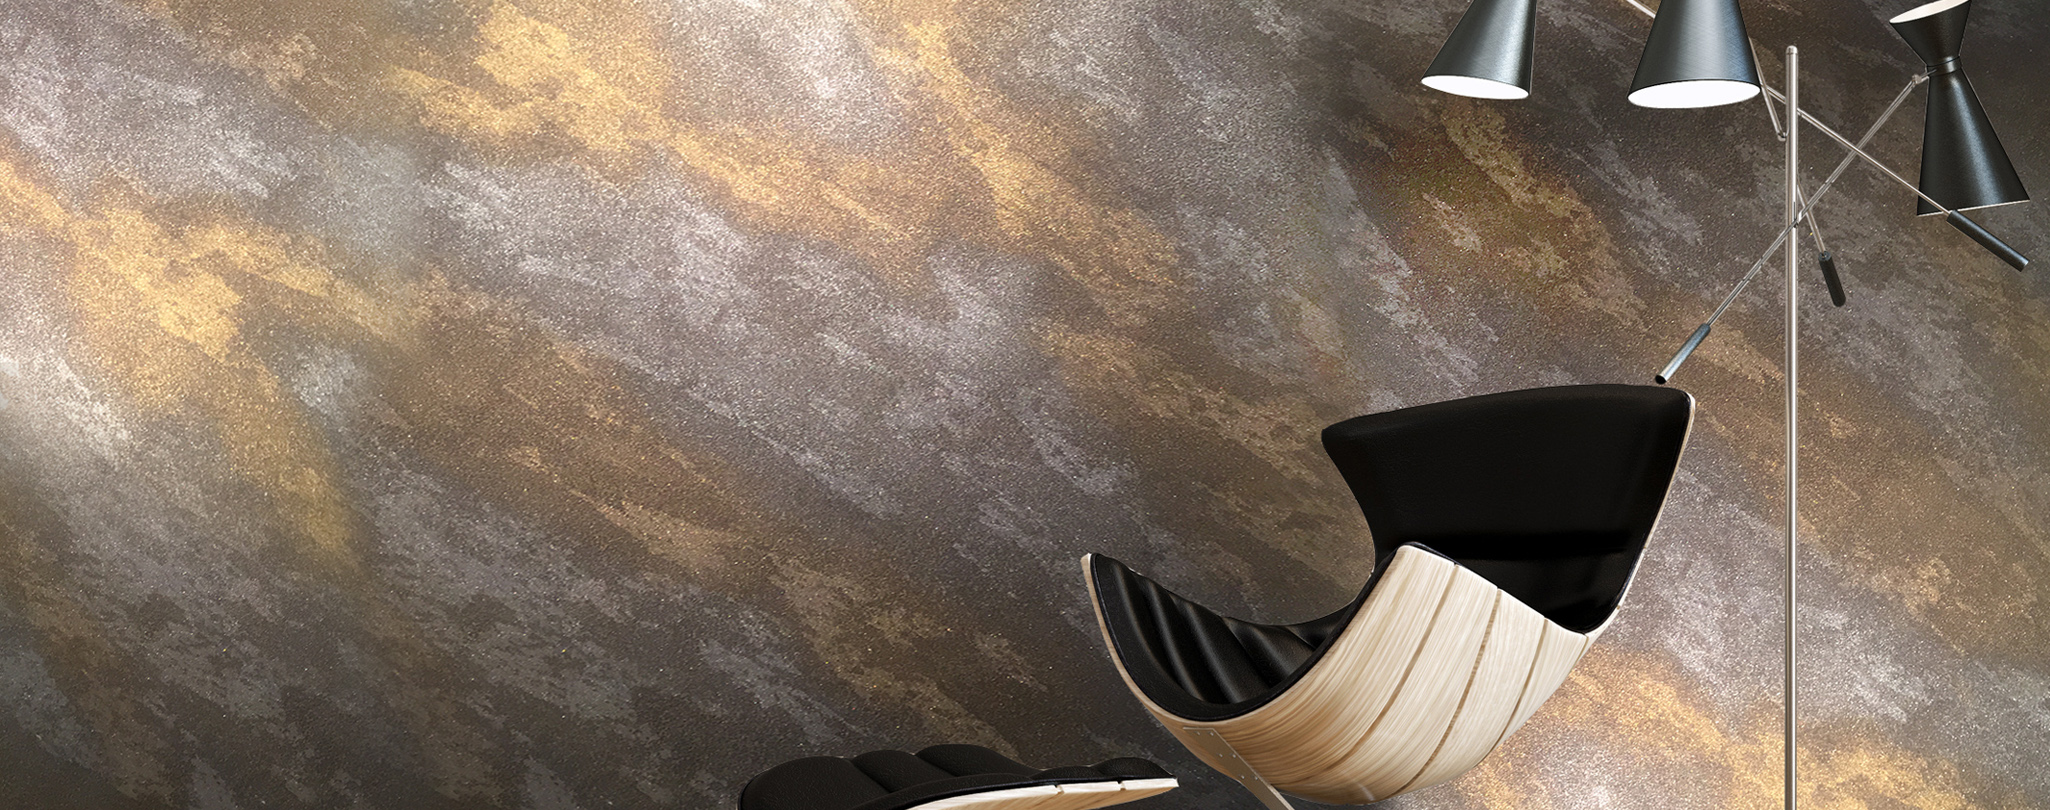 Ръст стайл декоративна мазилказа вътрешни помещения. еко имитация на ръжда